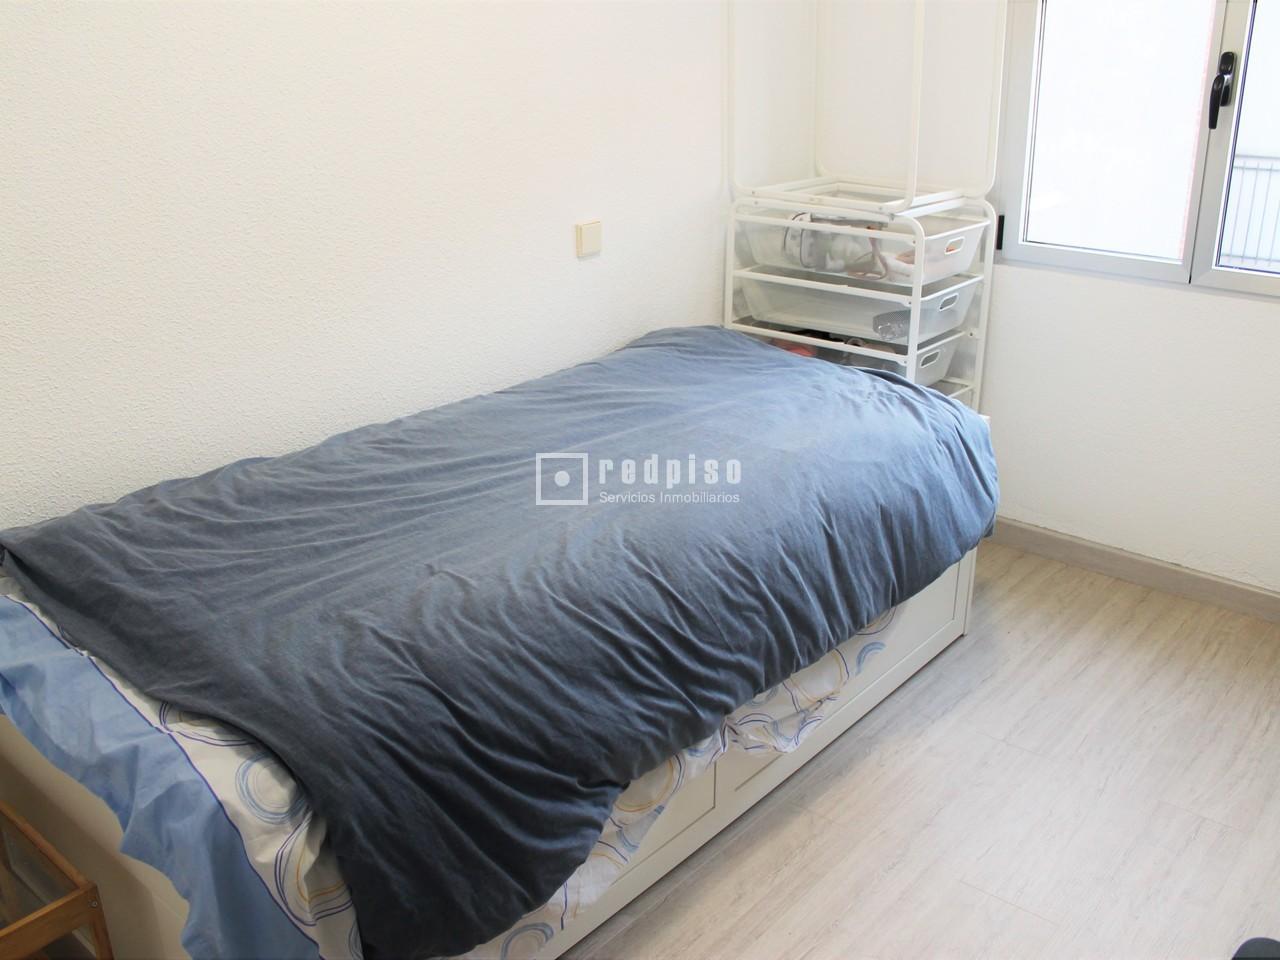 Piso en venta en calle salas de barbadillo pueblo nuevo for Pisos en pueblo nuevo madrid